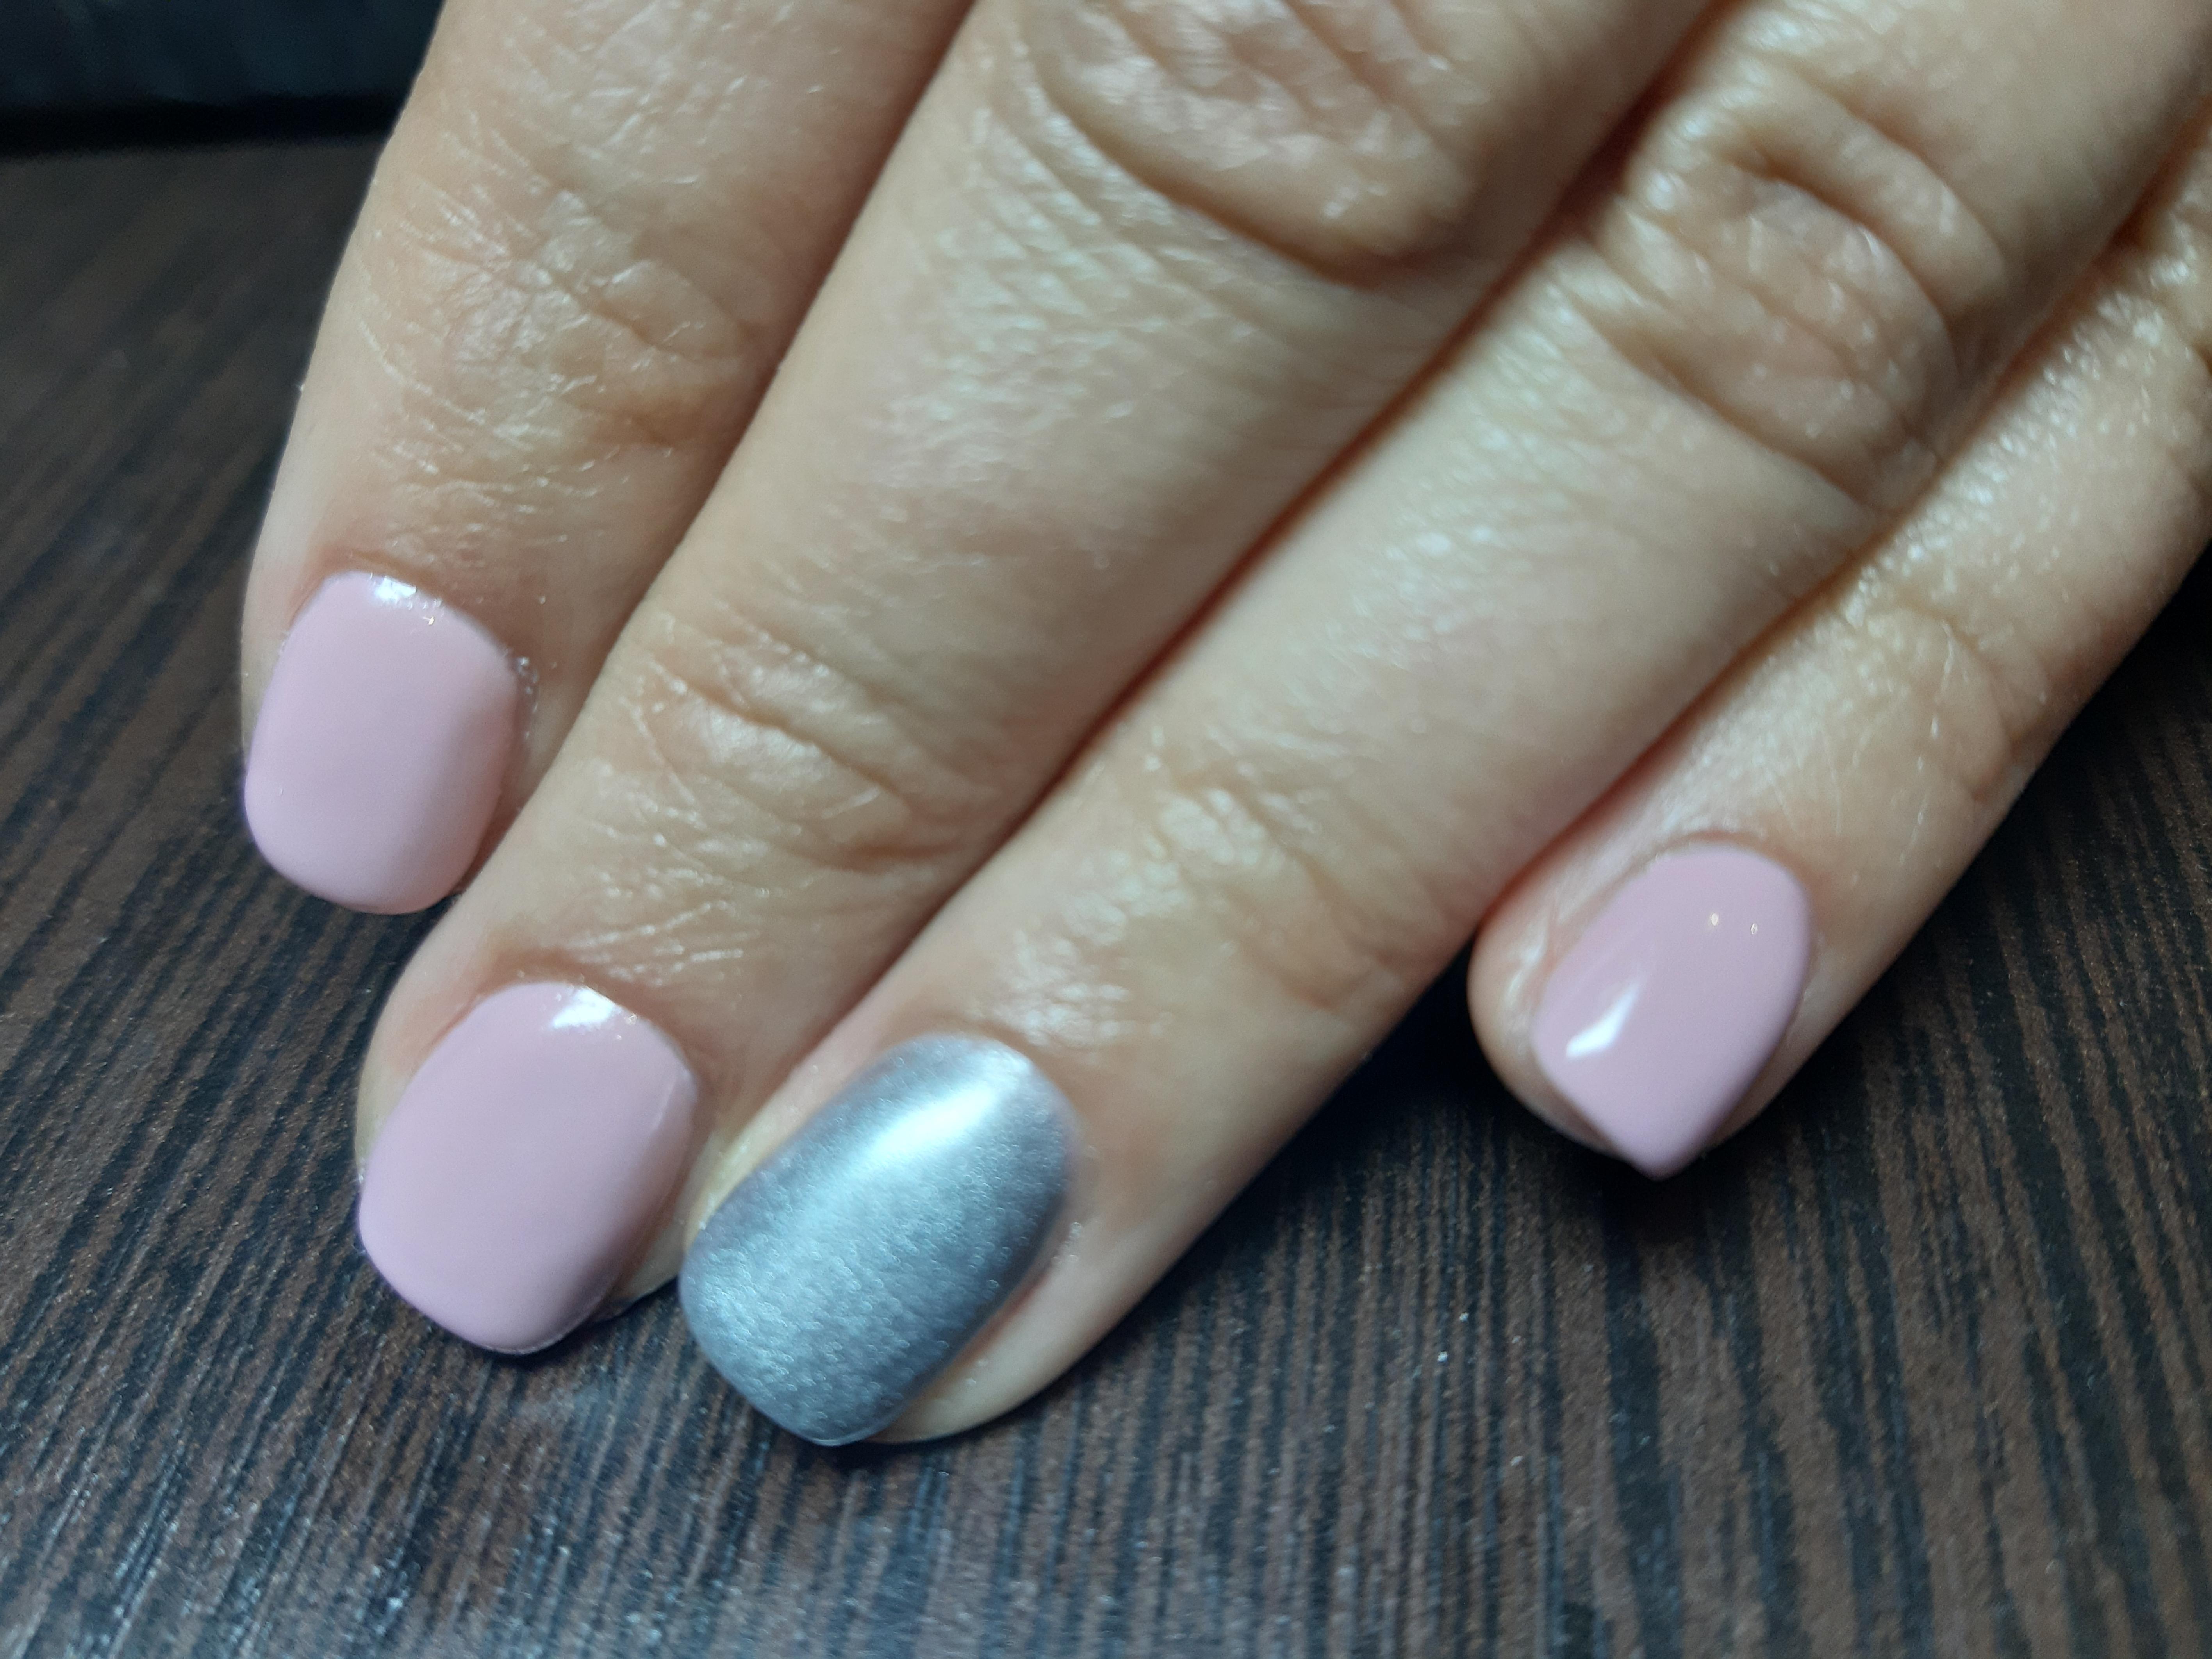 Маникюр с серебряной втиркой в розовом цвете на короткие ногти.